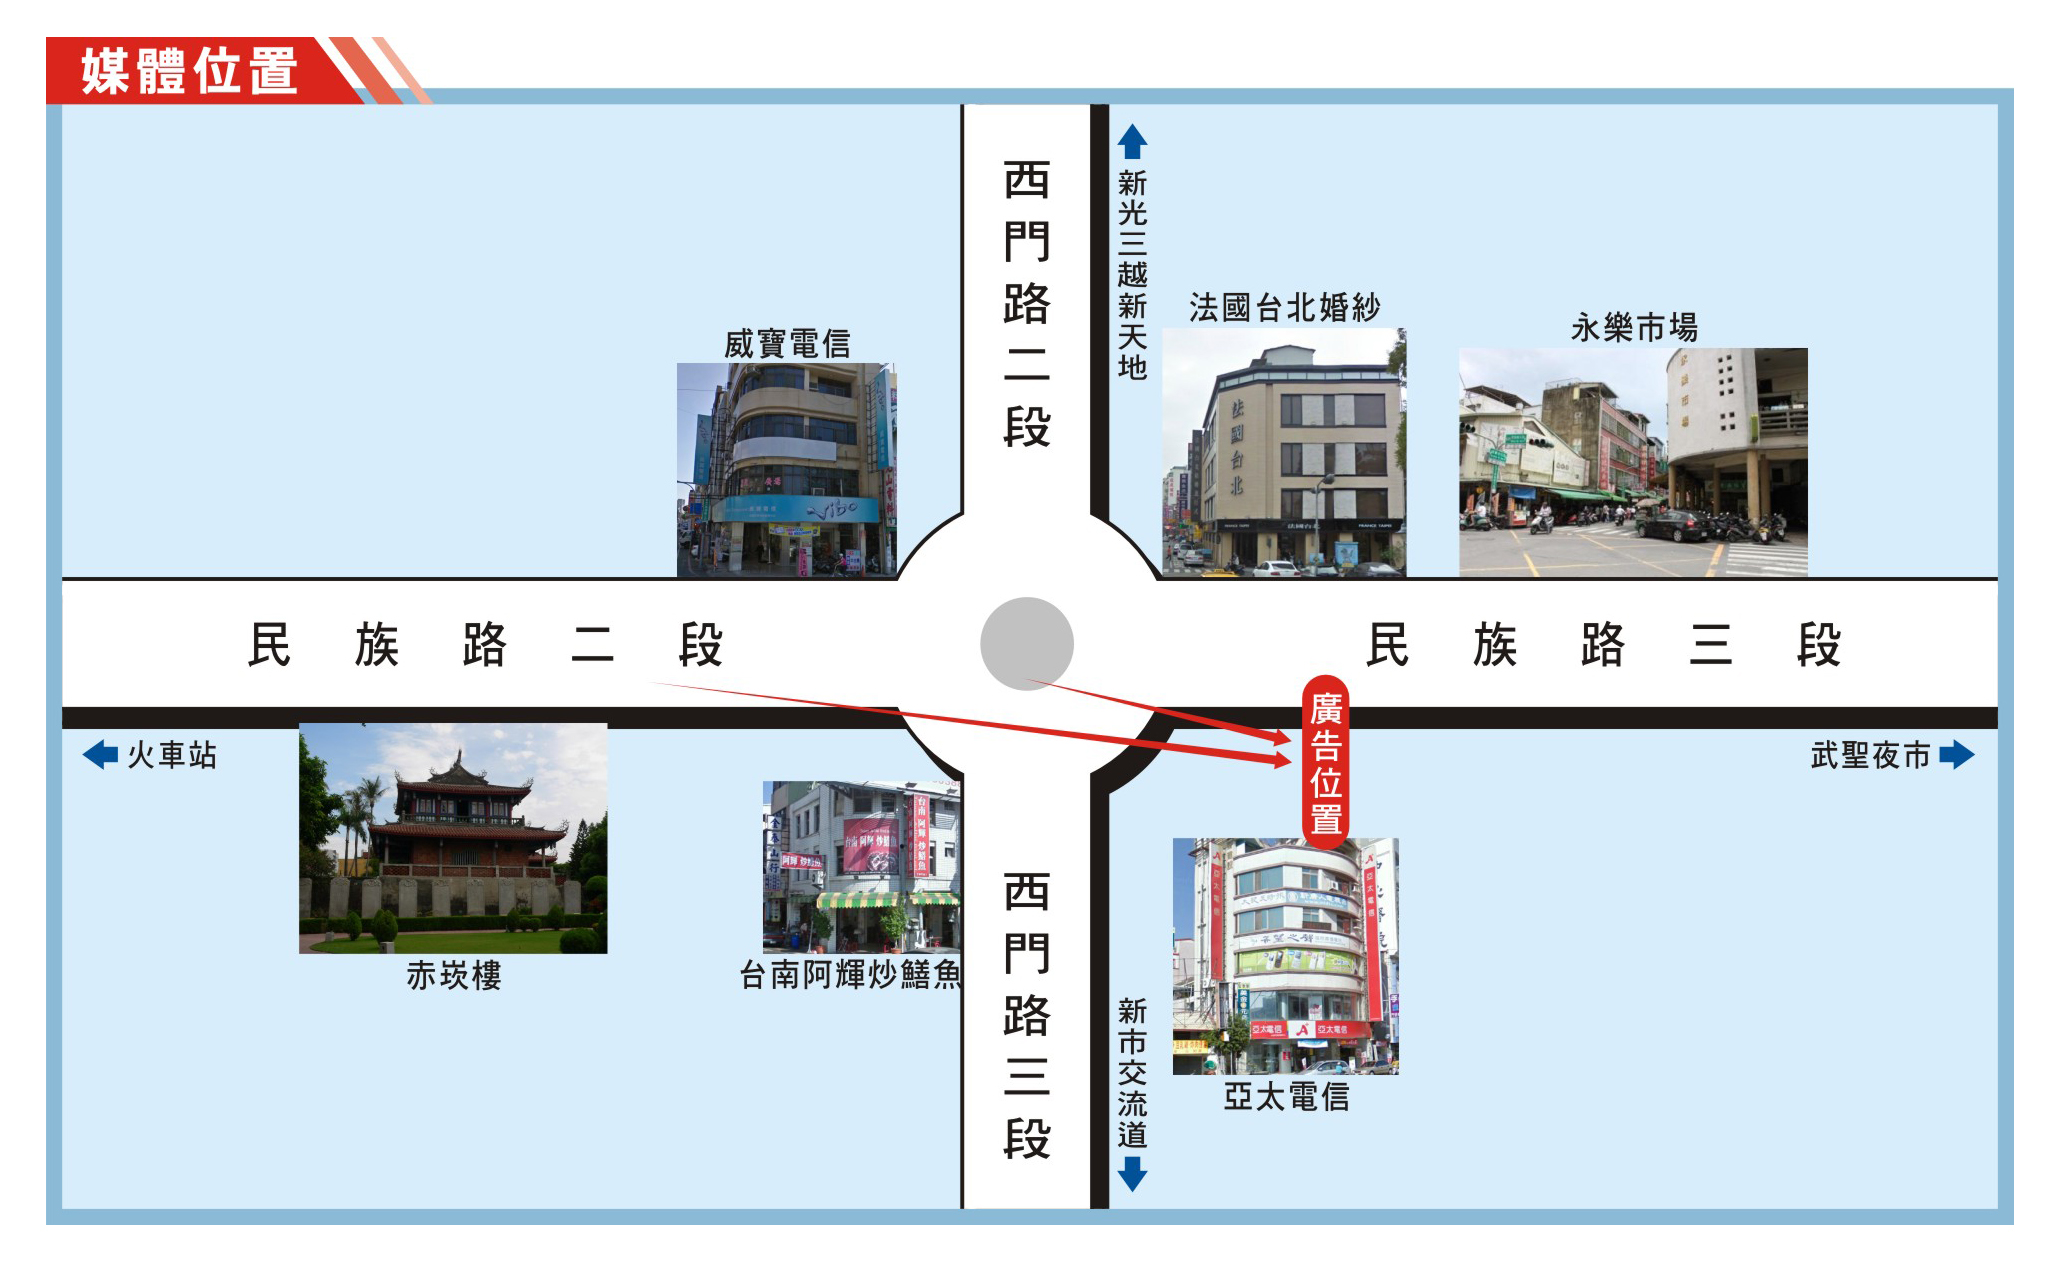 N-0806-民族路往永樂市場方向、國華街、水仙宮市場